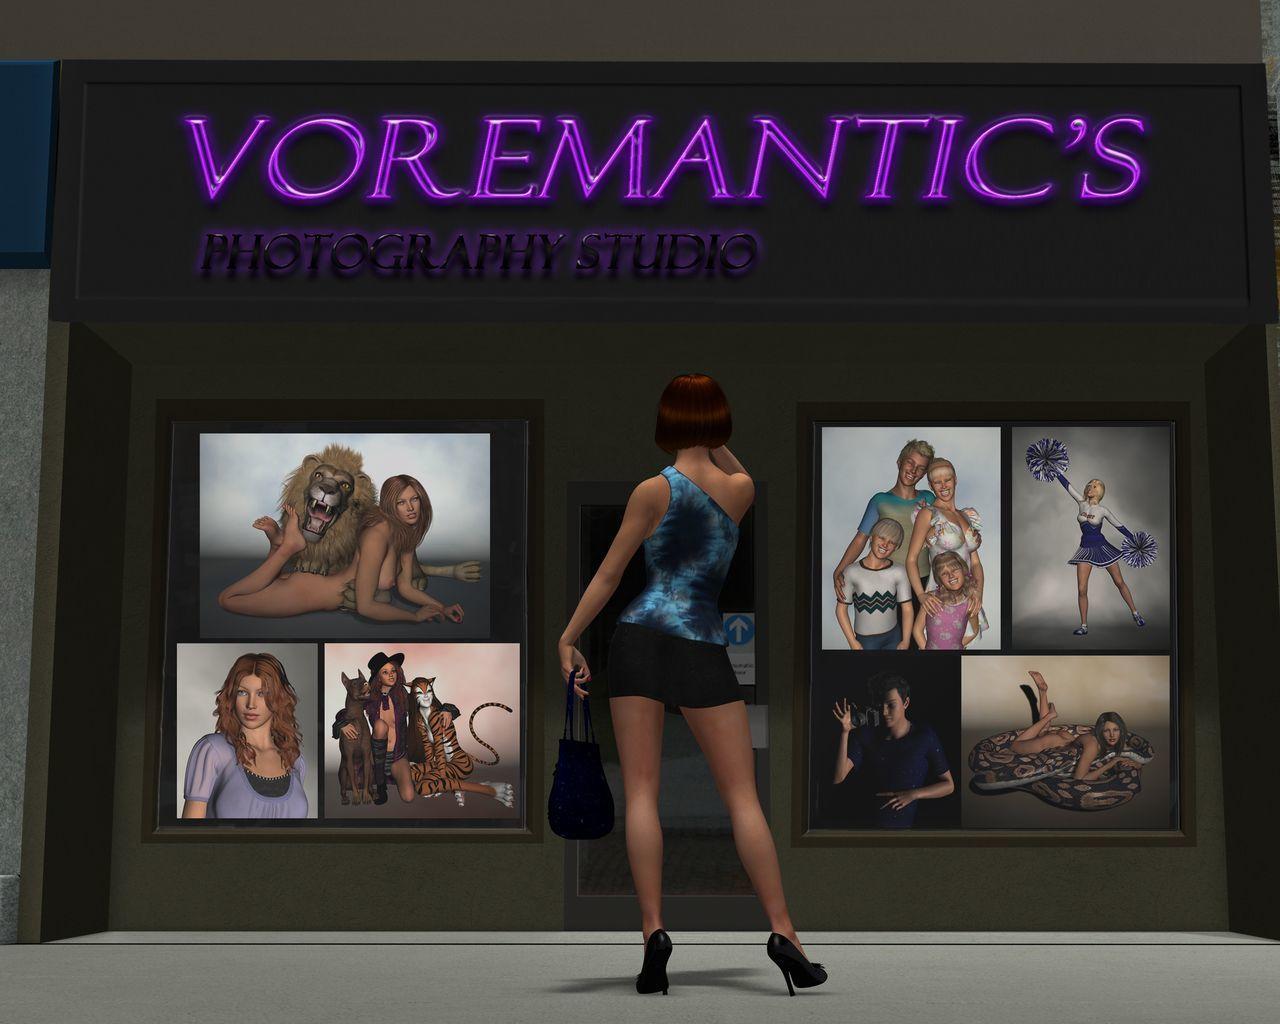 [Voremantic] Photography studio